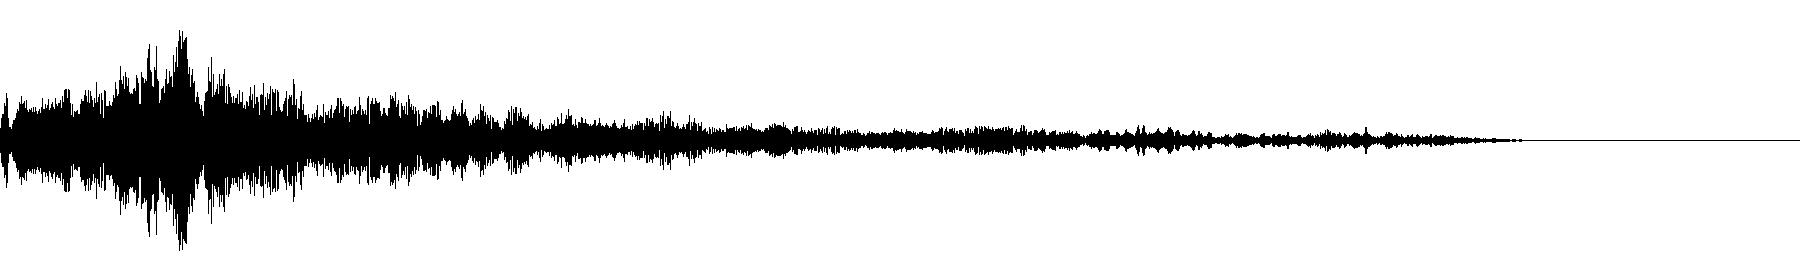 bluezone orbit sound 012